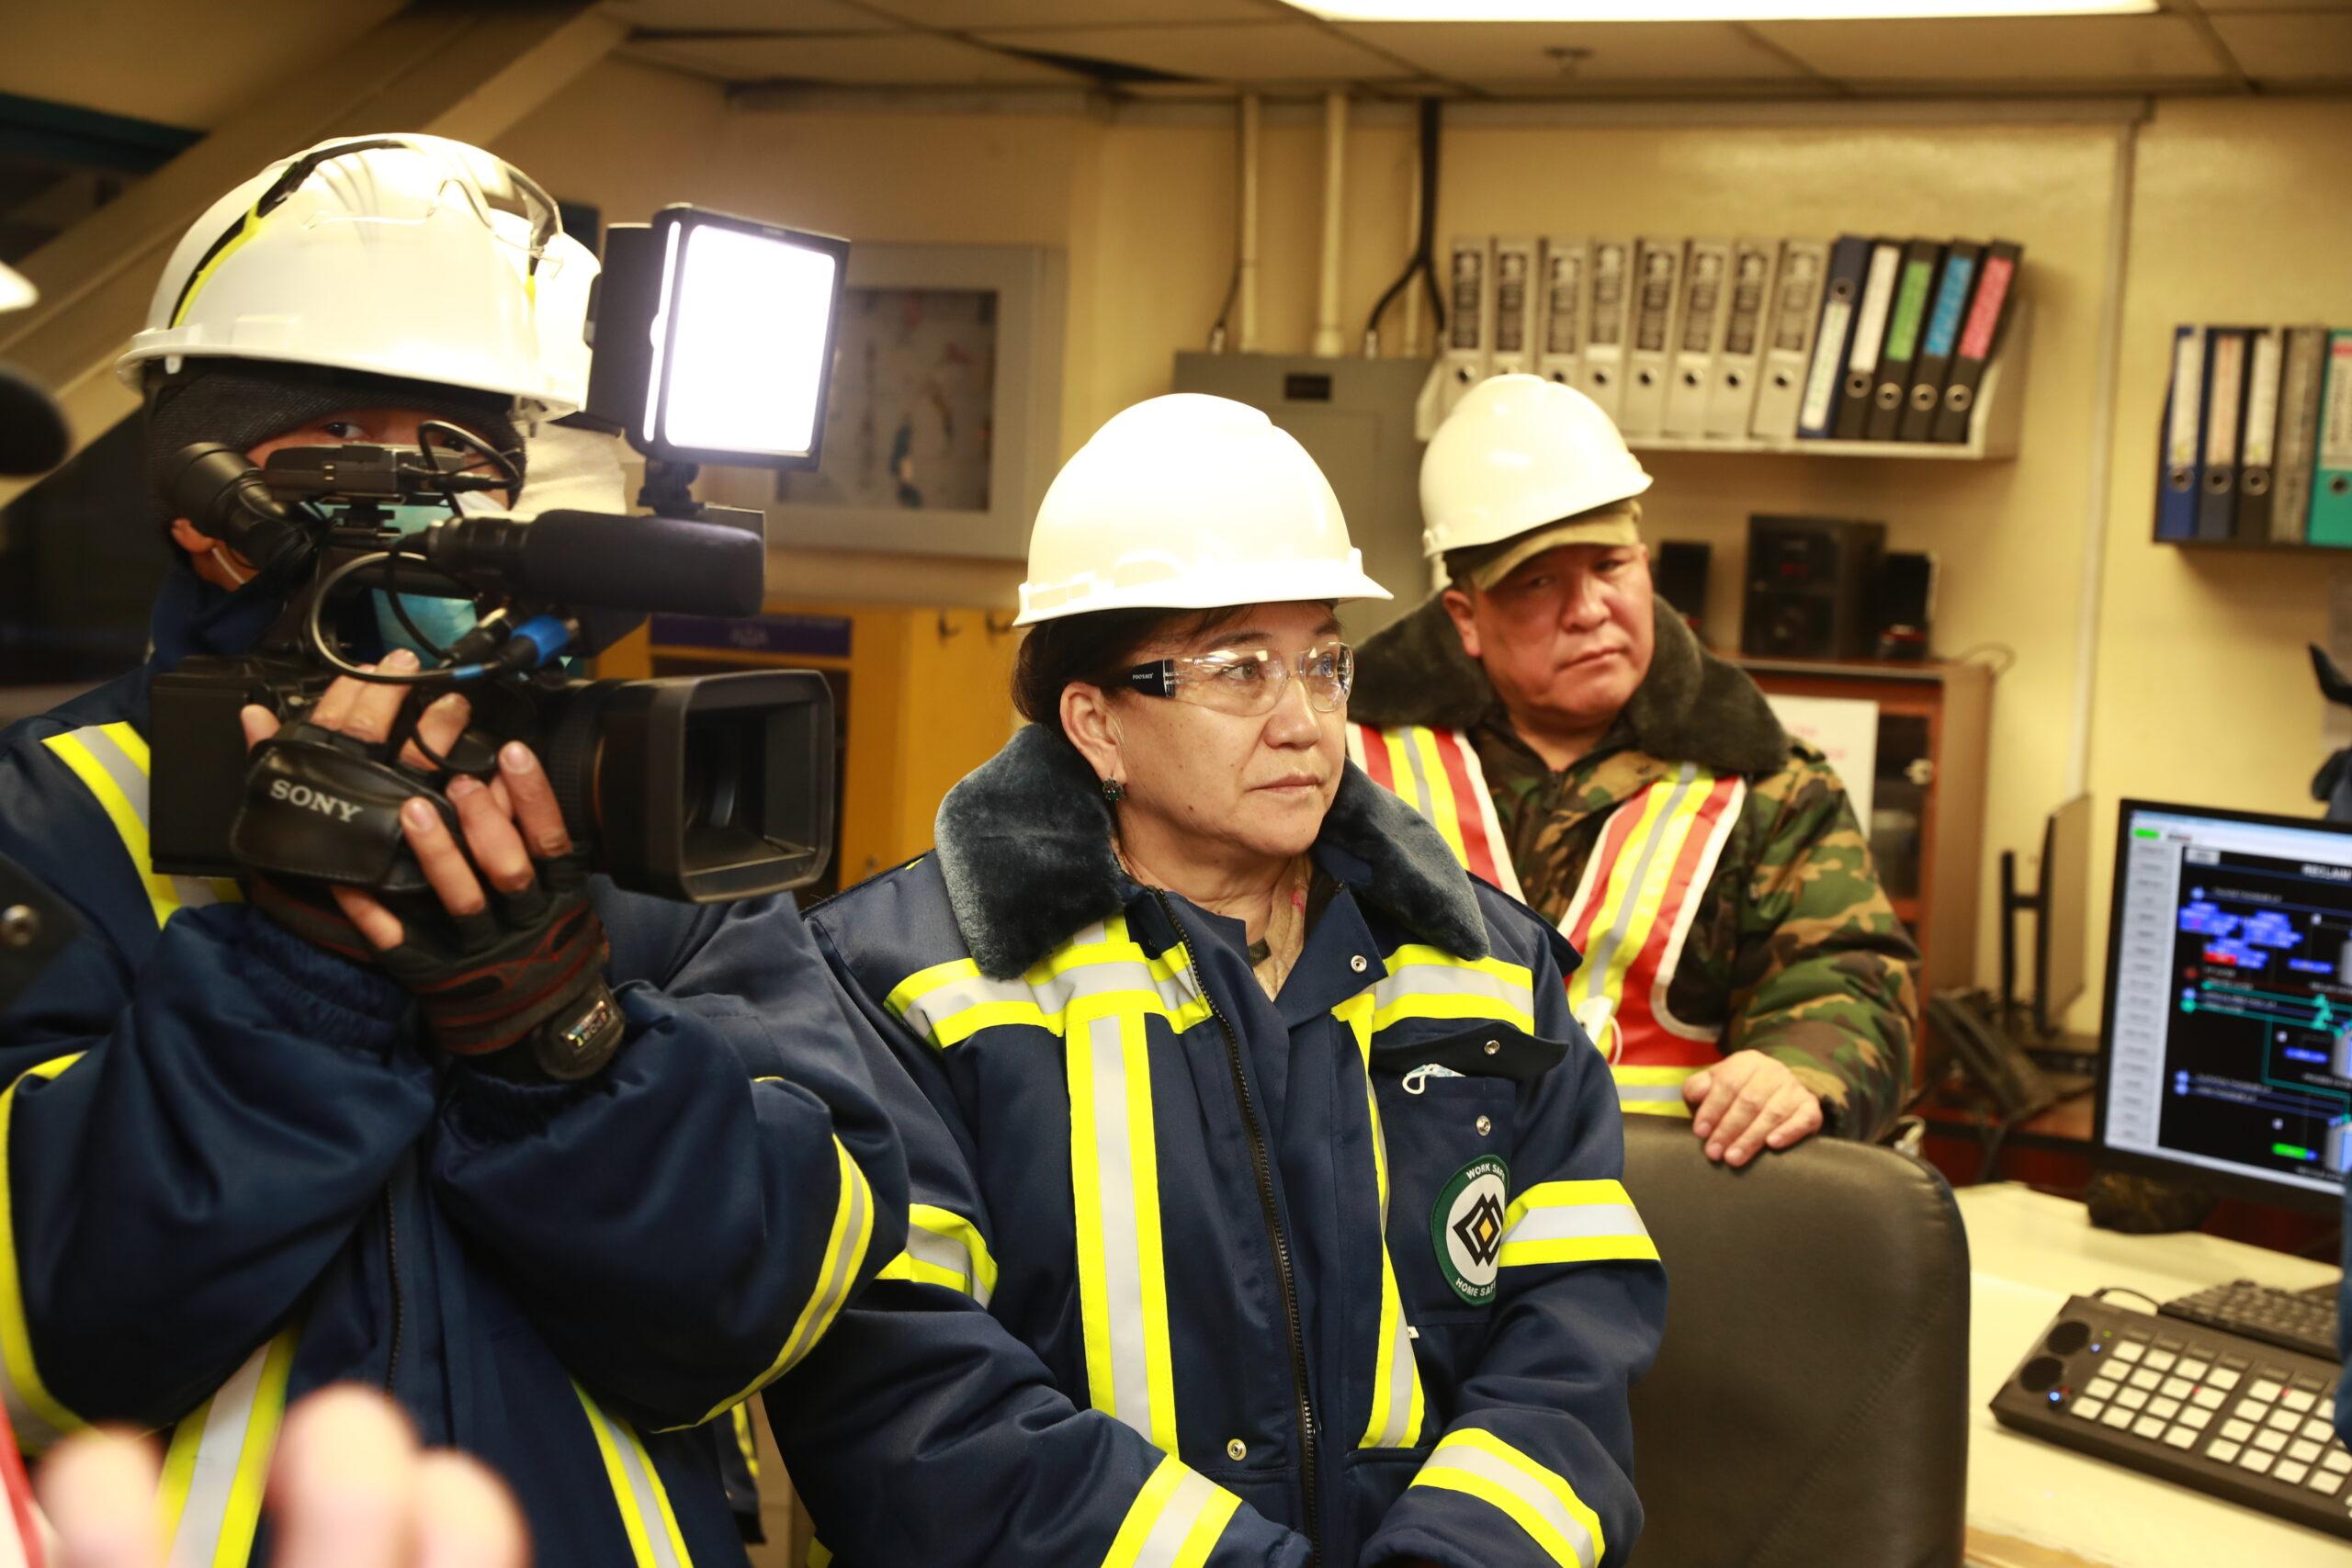 Айнуру Алтыбаева: Кумтөр тонналаган таза сууга алтын жууйт, бирок ага акча төлөбөйт